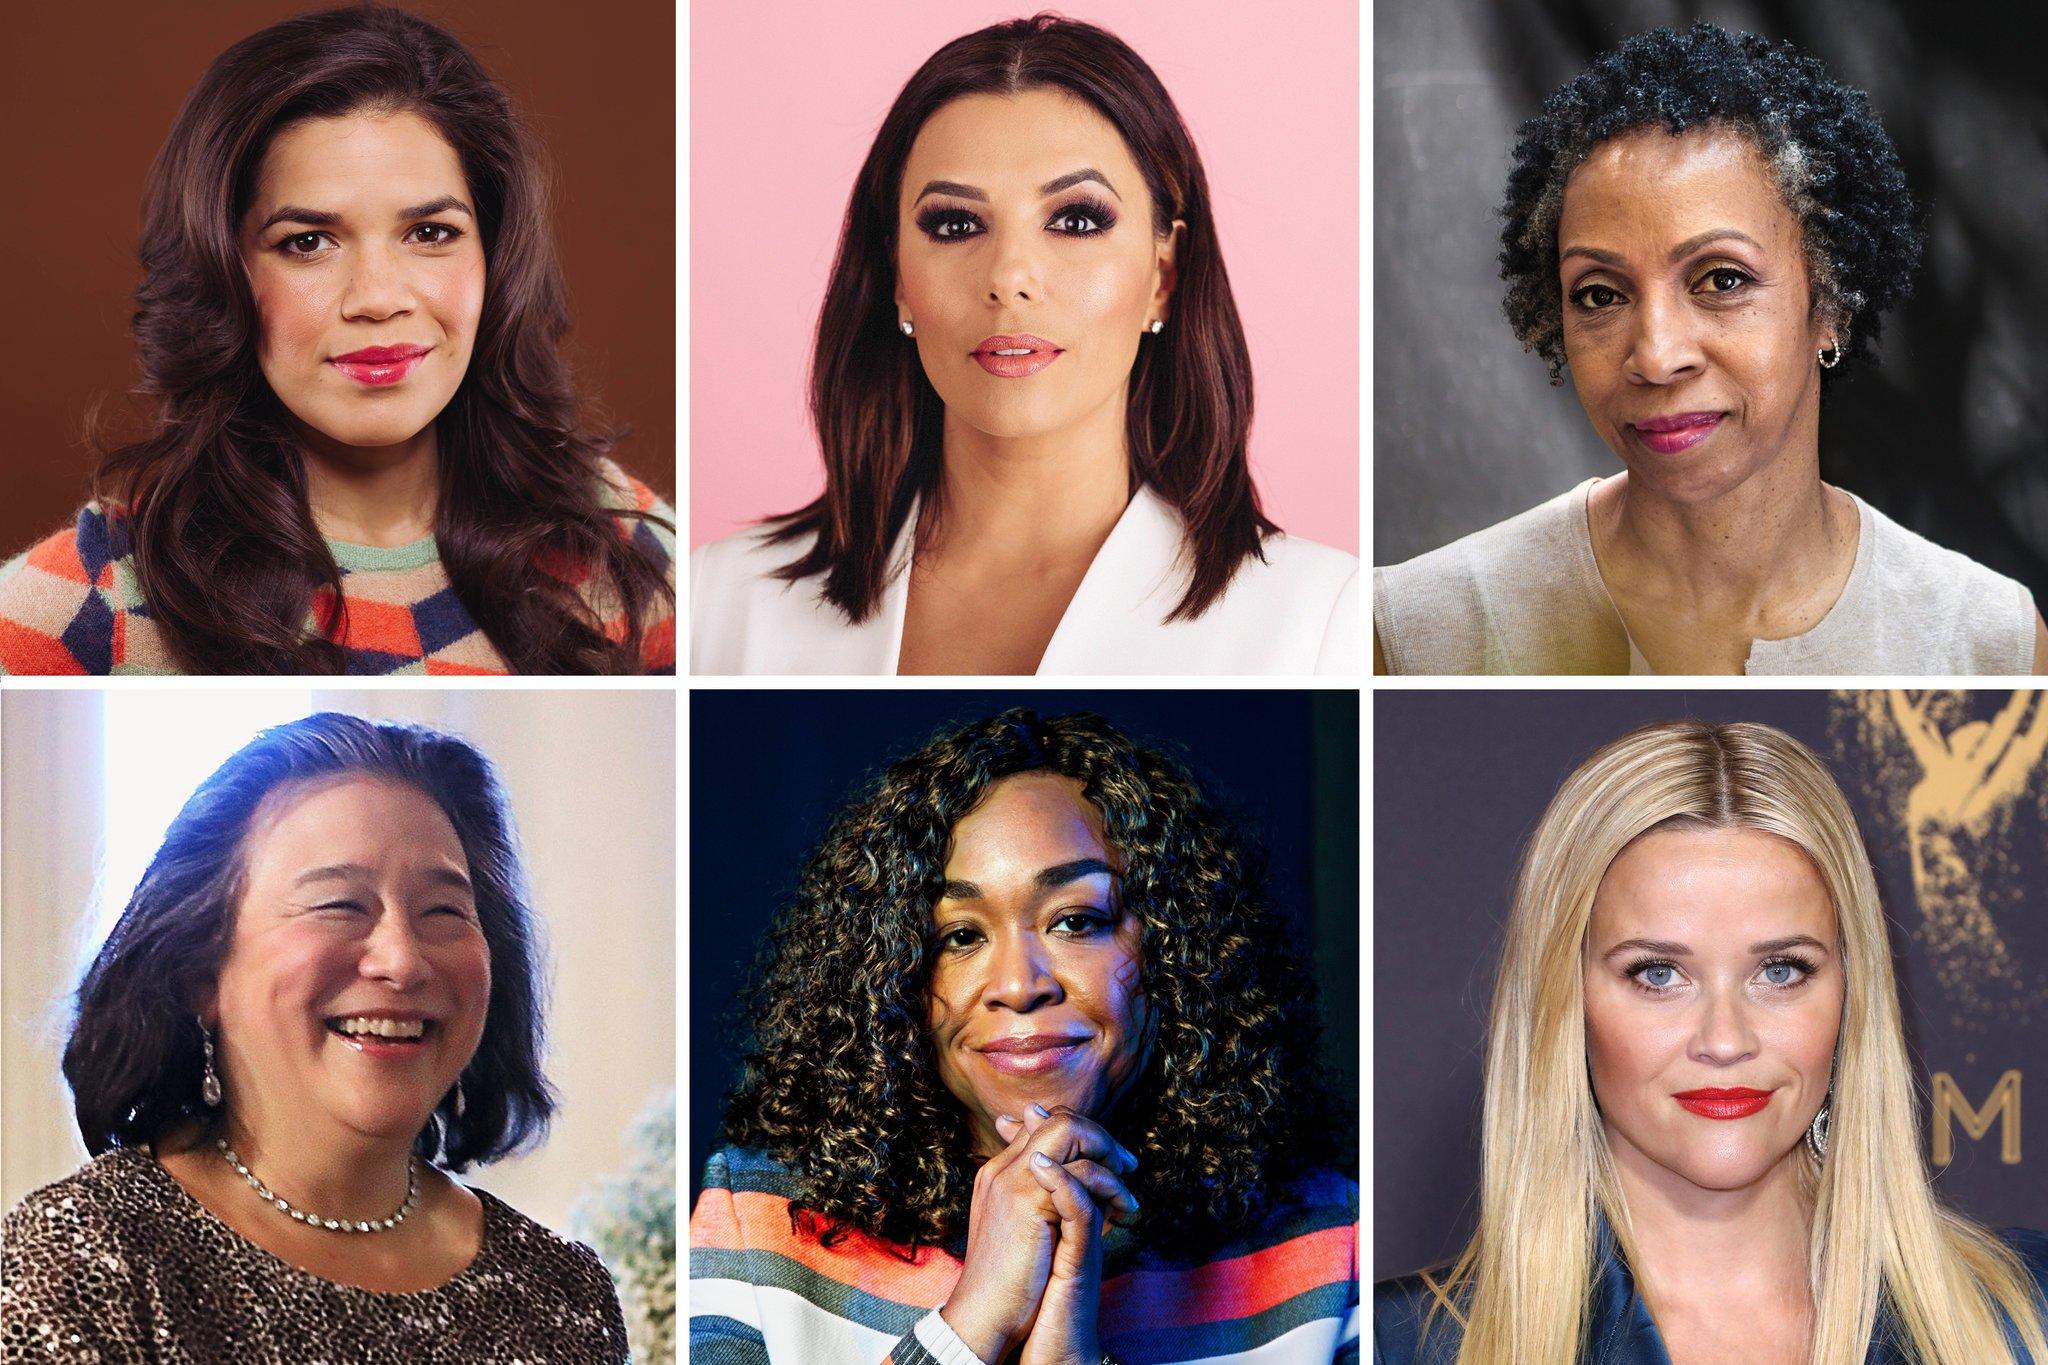 Голливудские актрисы объединились в борьбе против сексуального насилия-320x180